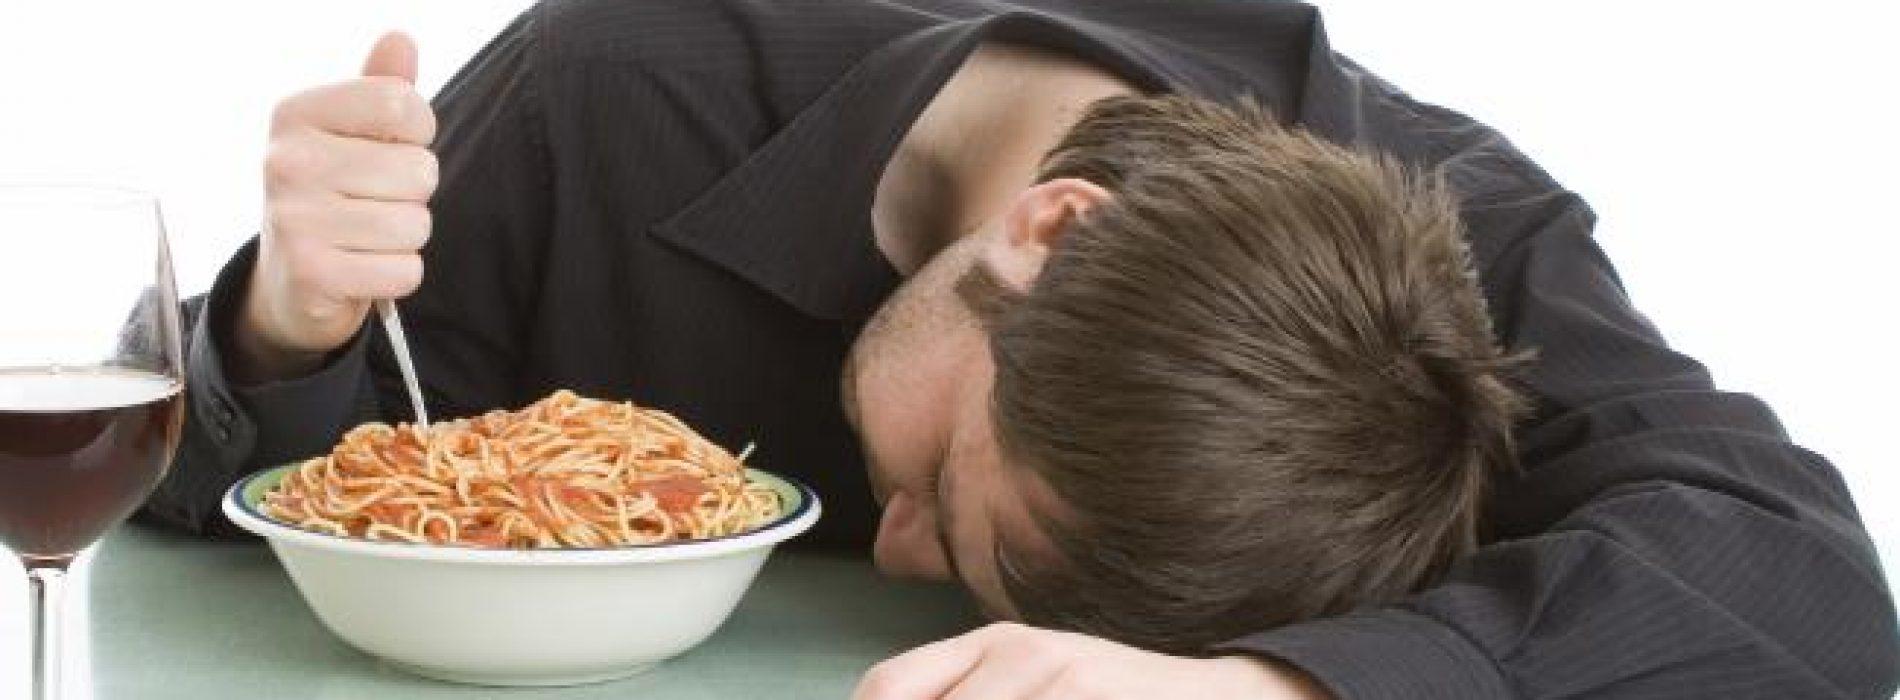 Dit zijn de 5 belangrijkste tekenen dat jij NIET gezond eet.. Hoeveel herken jij?